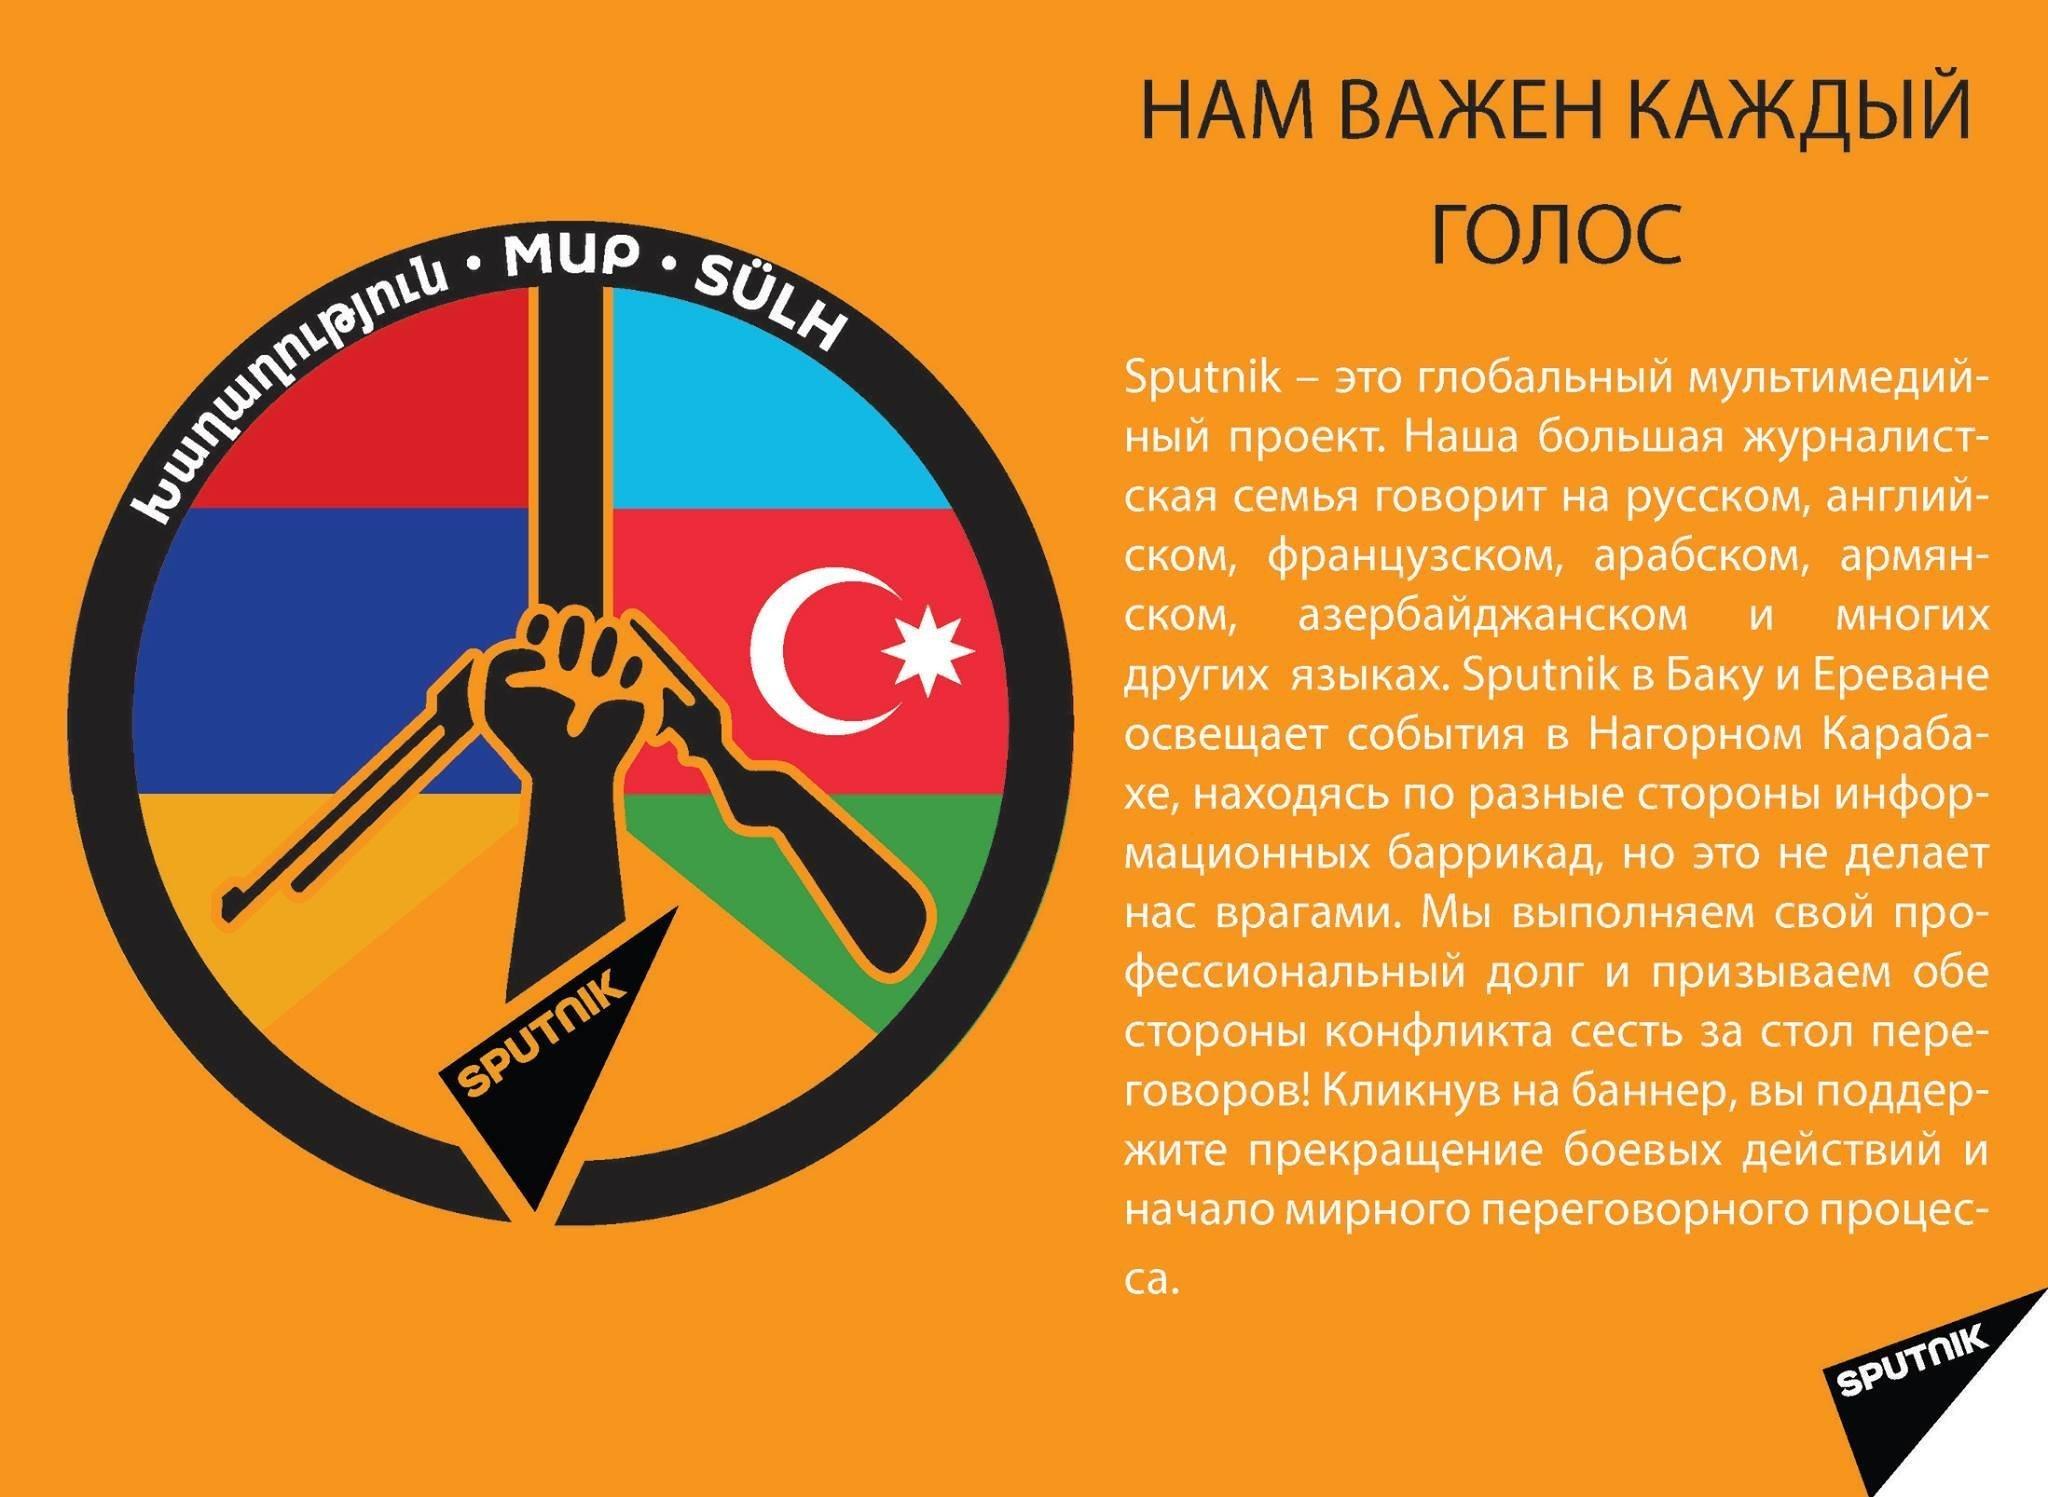 Sputnik-глобальный проект